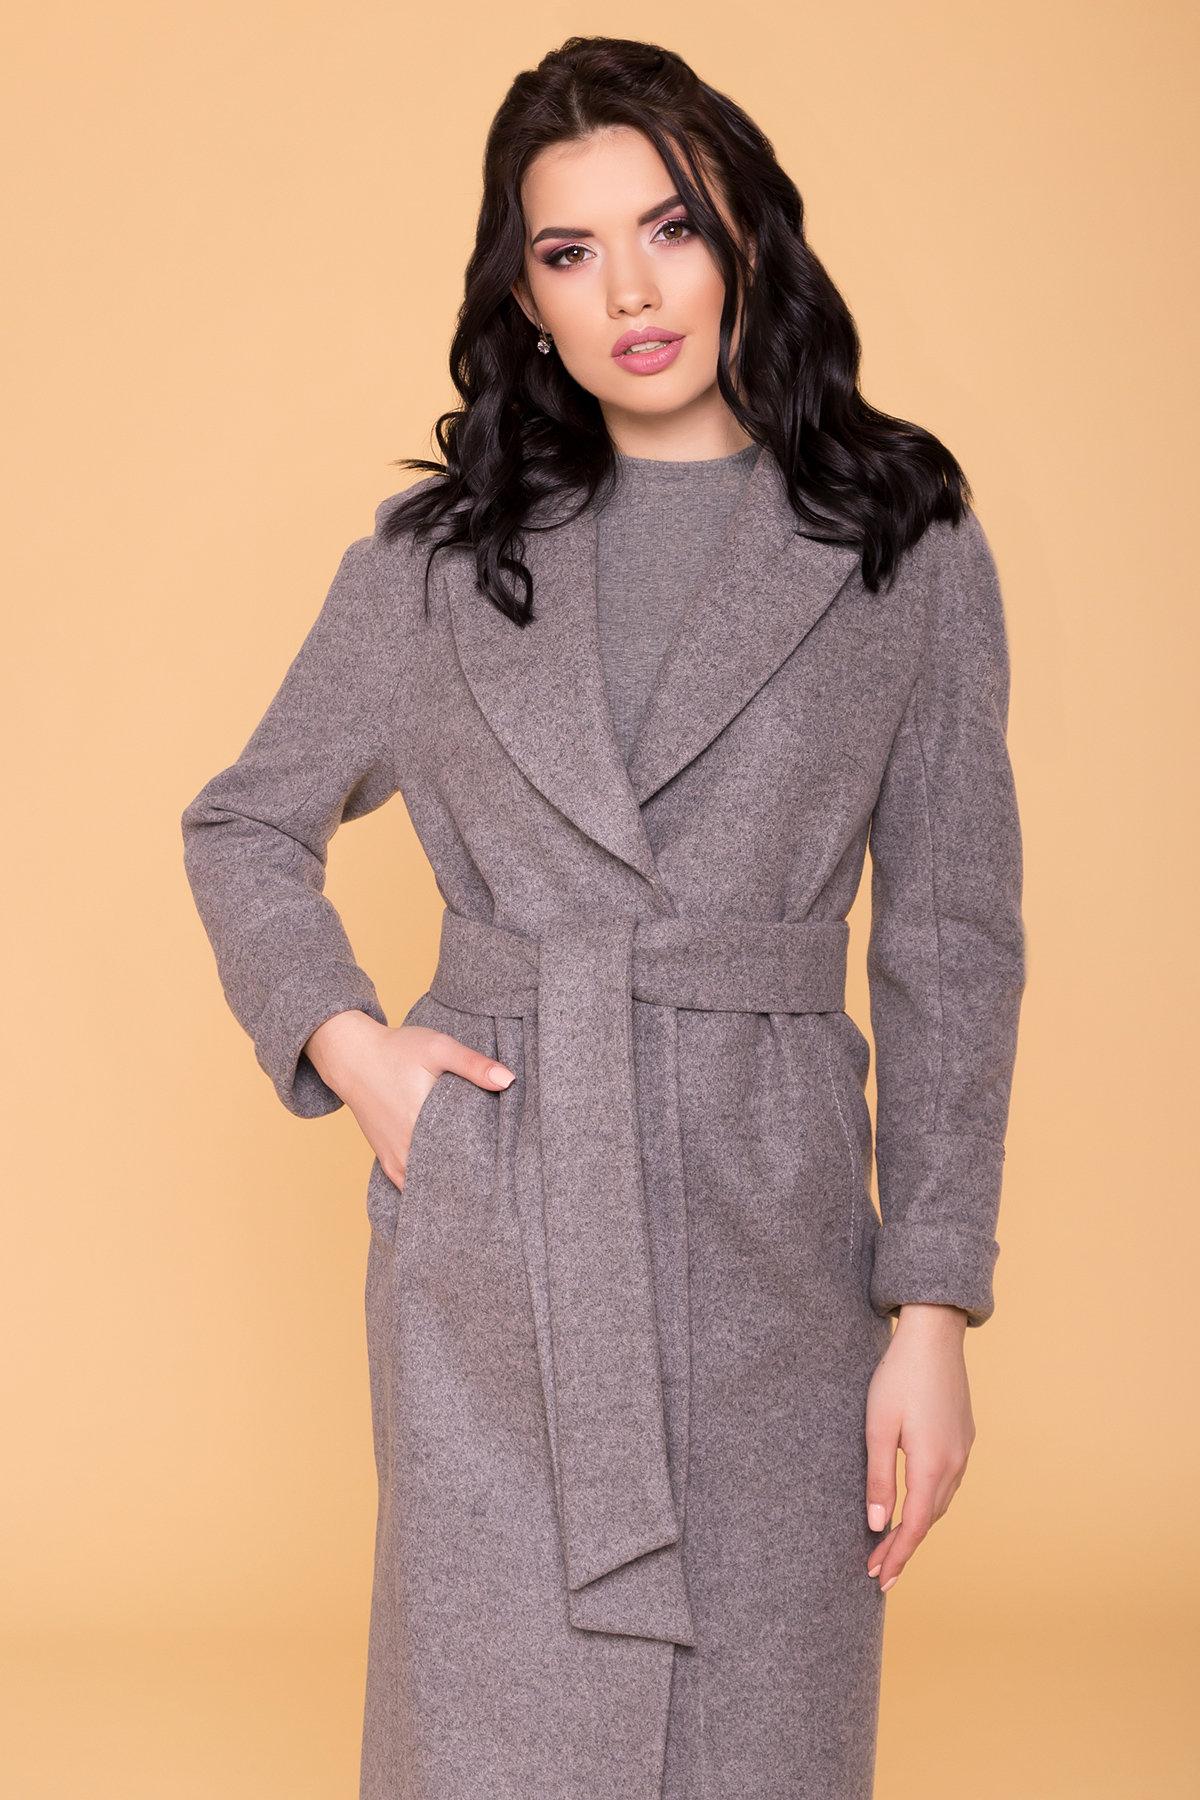 Пальто Верди 6205 АРТ. 41156 Цвет: Карамель 20/1 - фото 5, интернет магазин tm-modus.ru